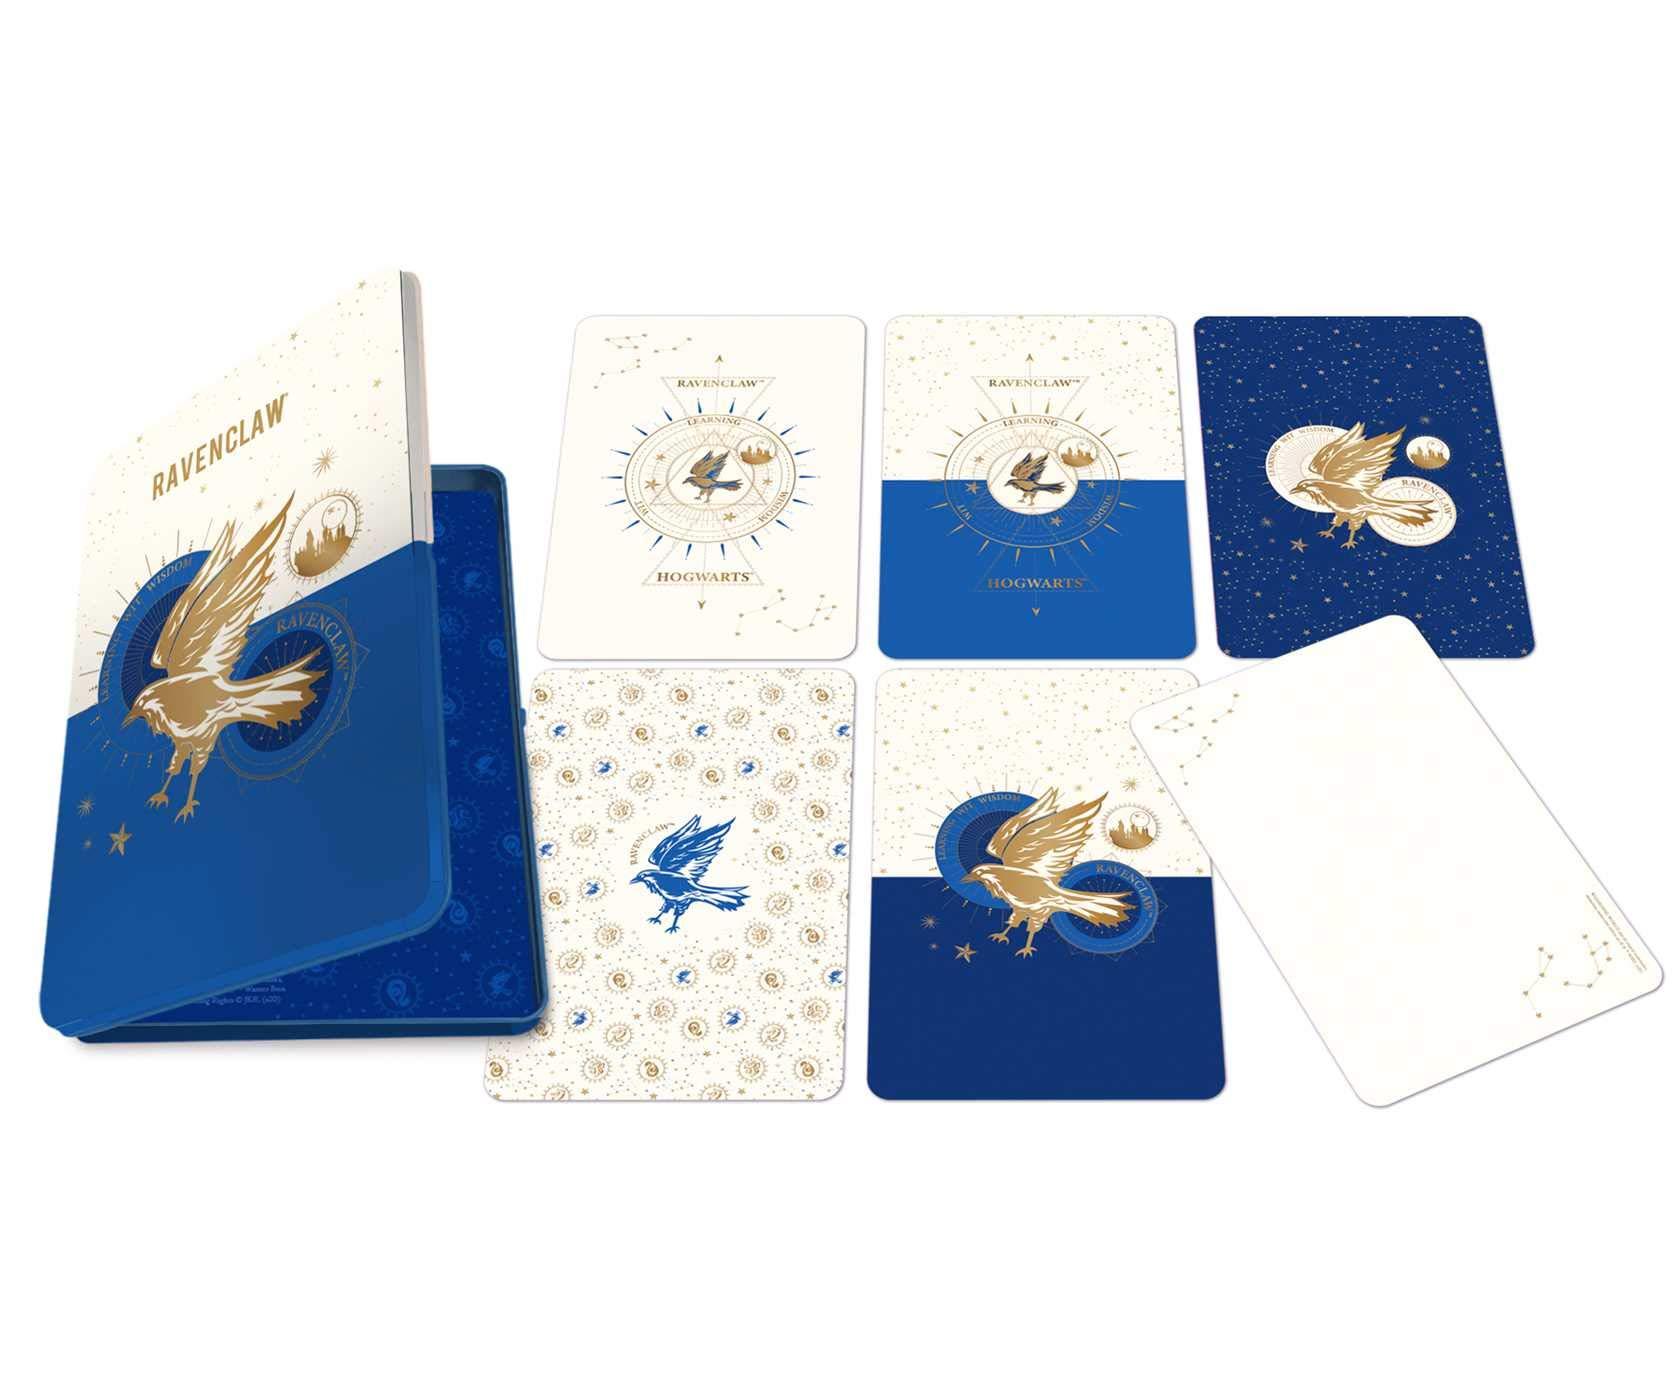 Set 20 de carti postale - Harry Potter - Ravenclaw